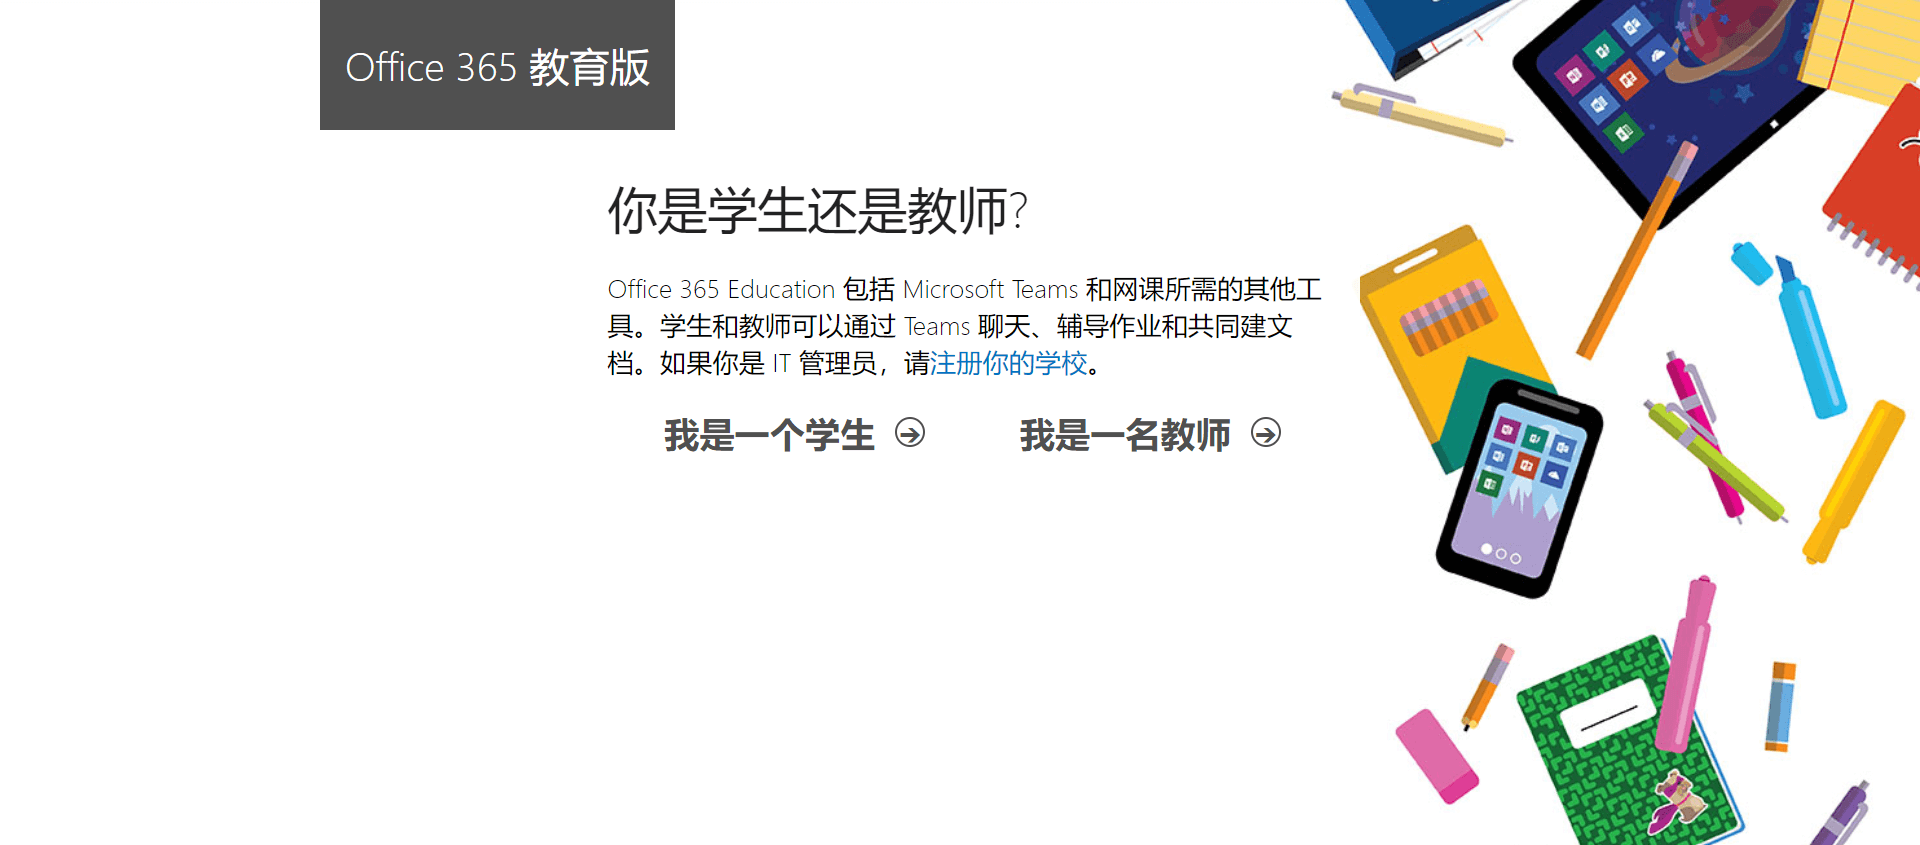 onedrive 5T网盘空间申请教程